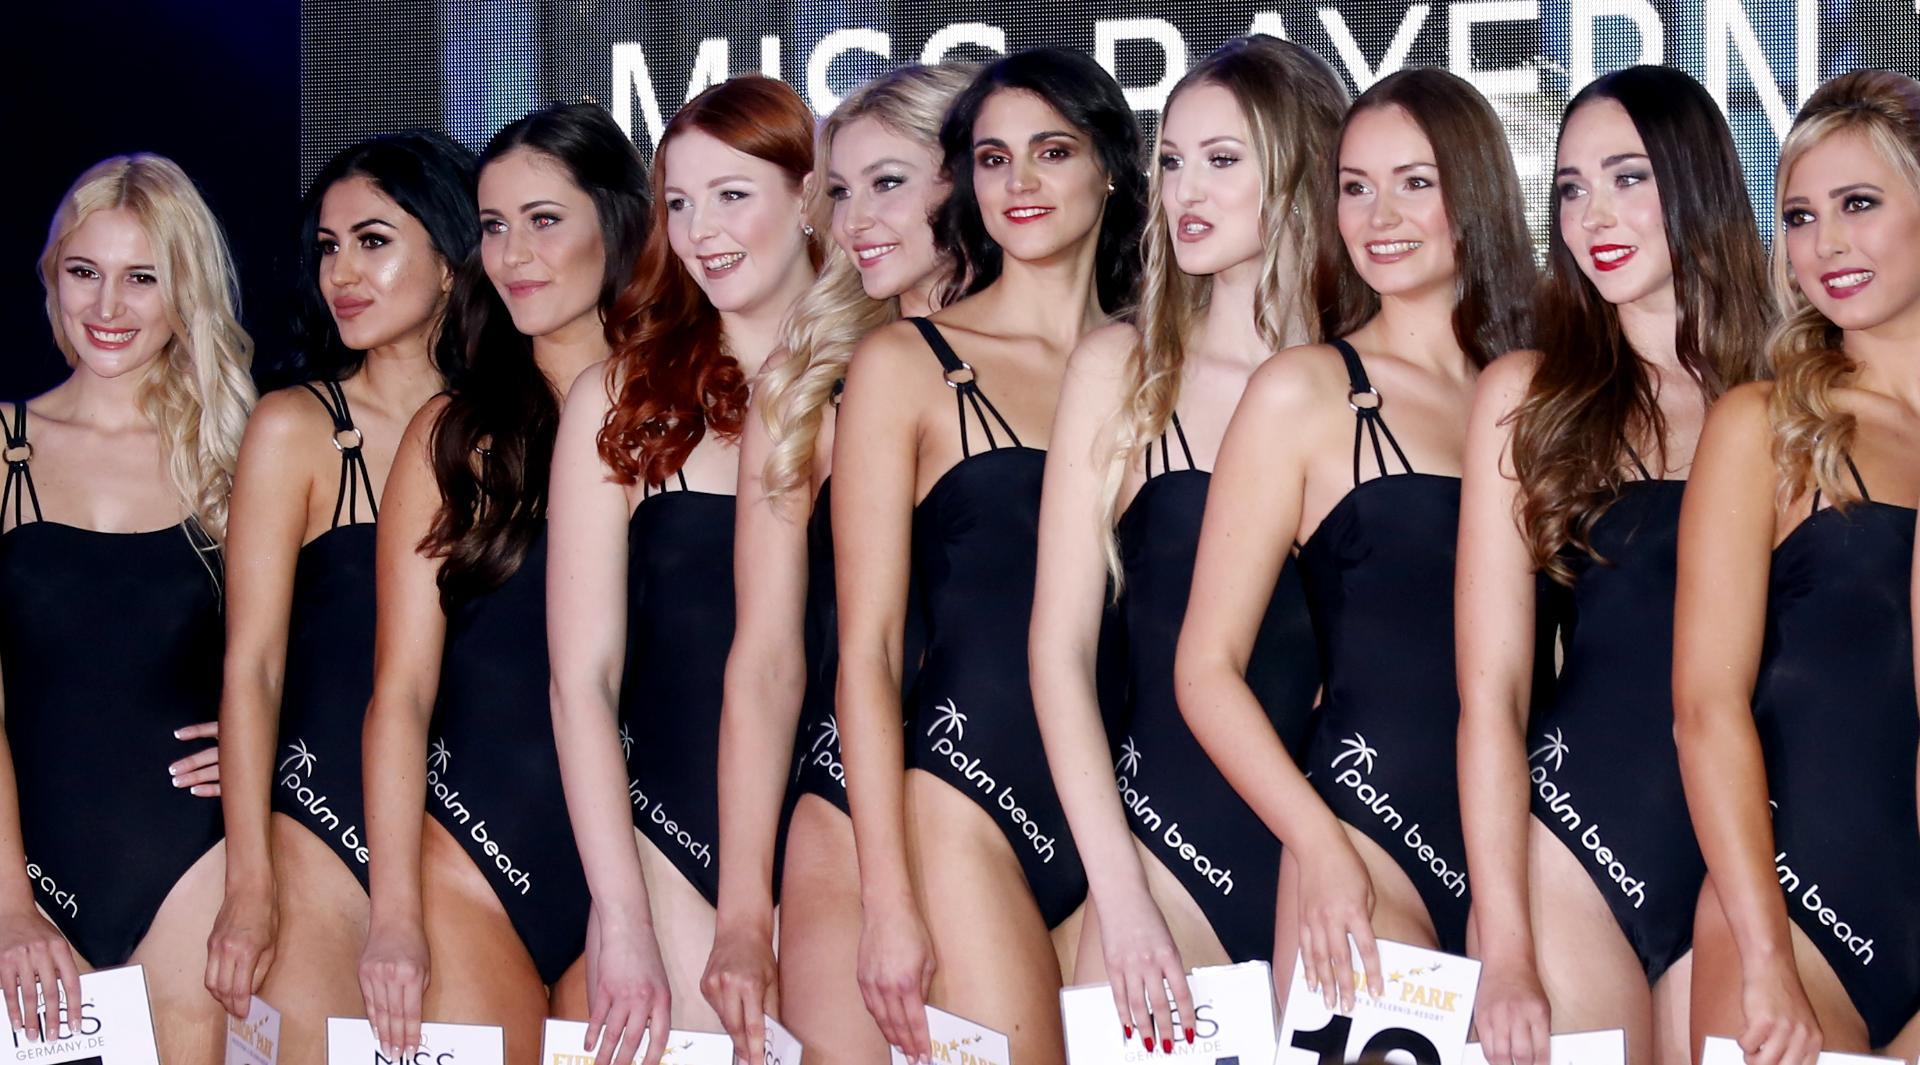 Eventfotografie - Miss Bayern 2018